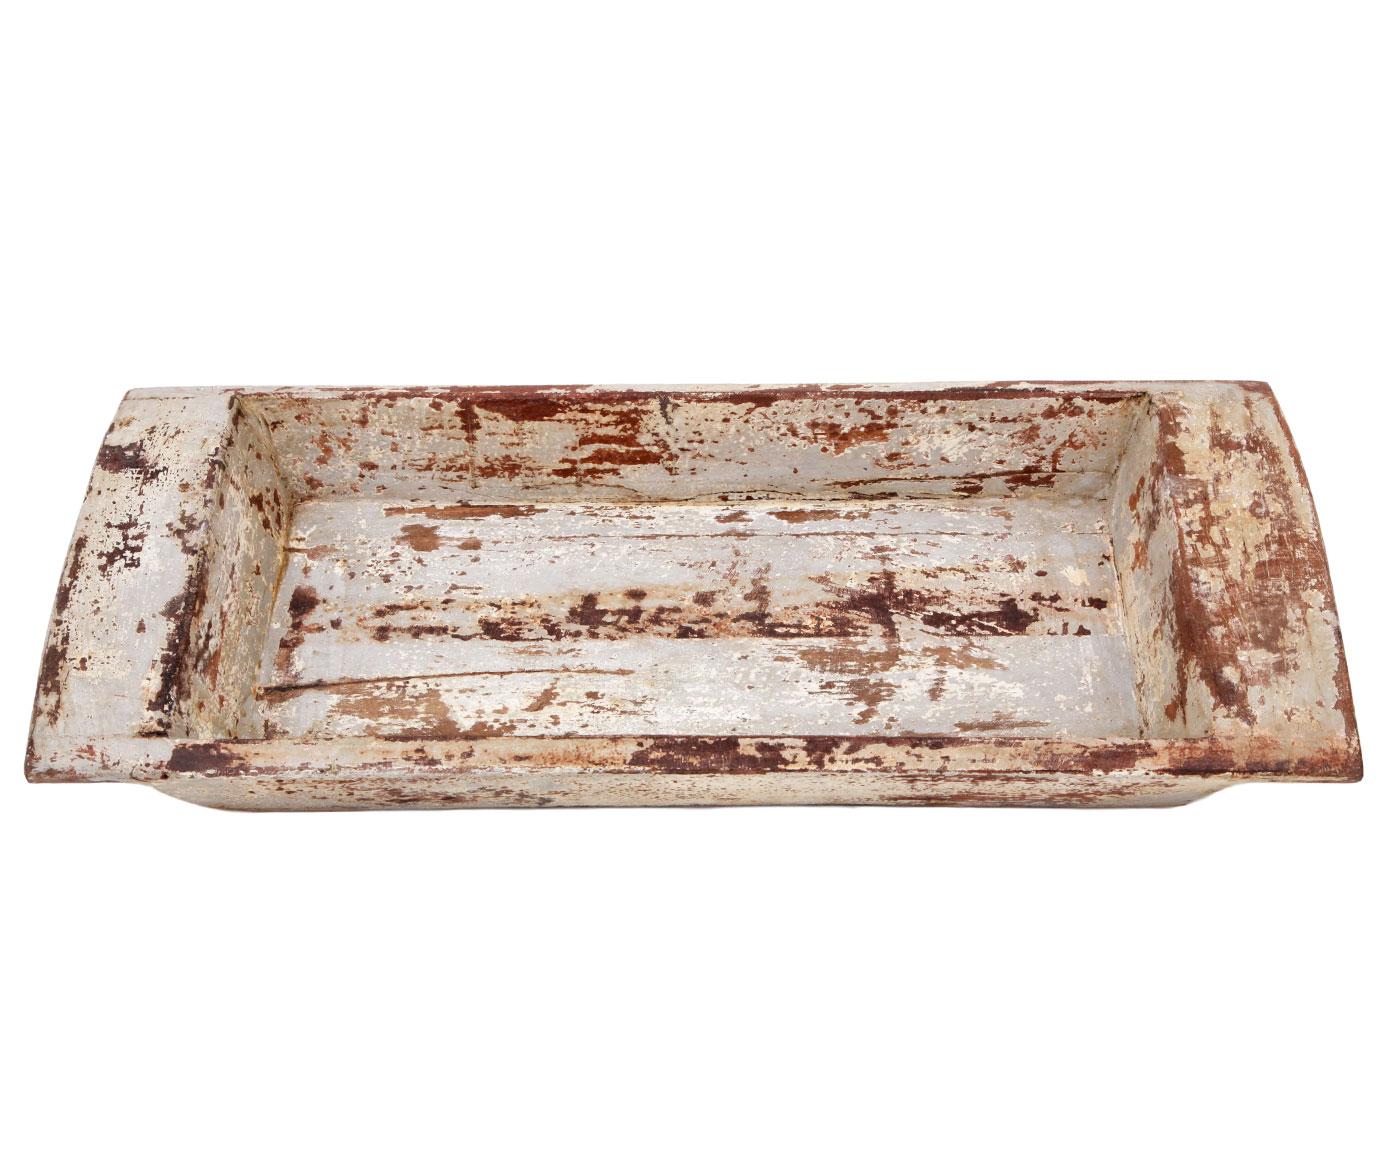 Поднос Antique ручная работаДекоративные подносы<br><br><br>Material: Манго<br>Ширина см: 63.0<br>Высота см: 27.0<br>Глубина см: 7.0